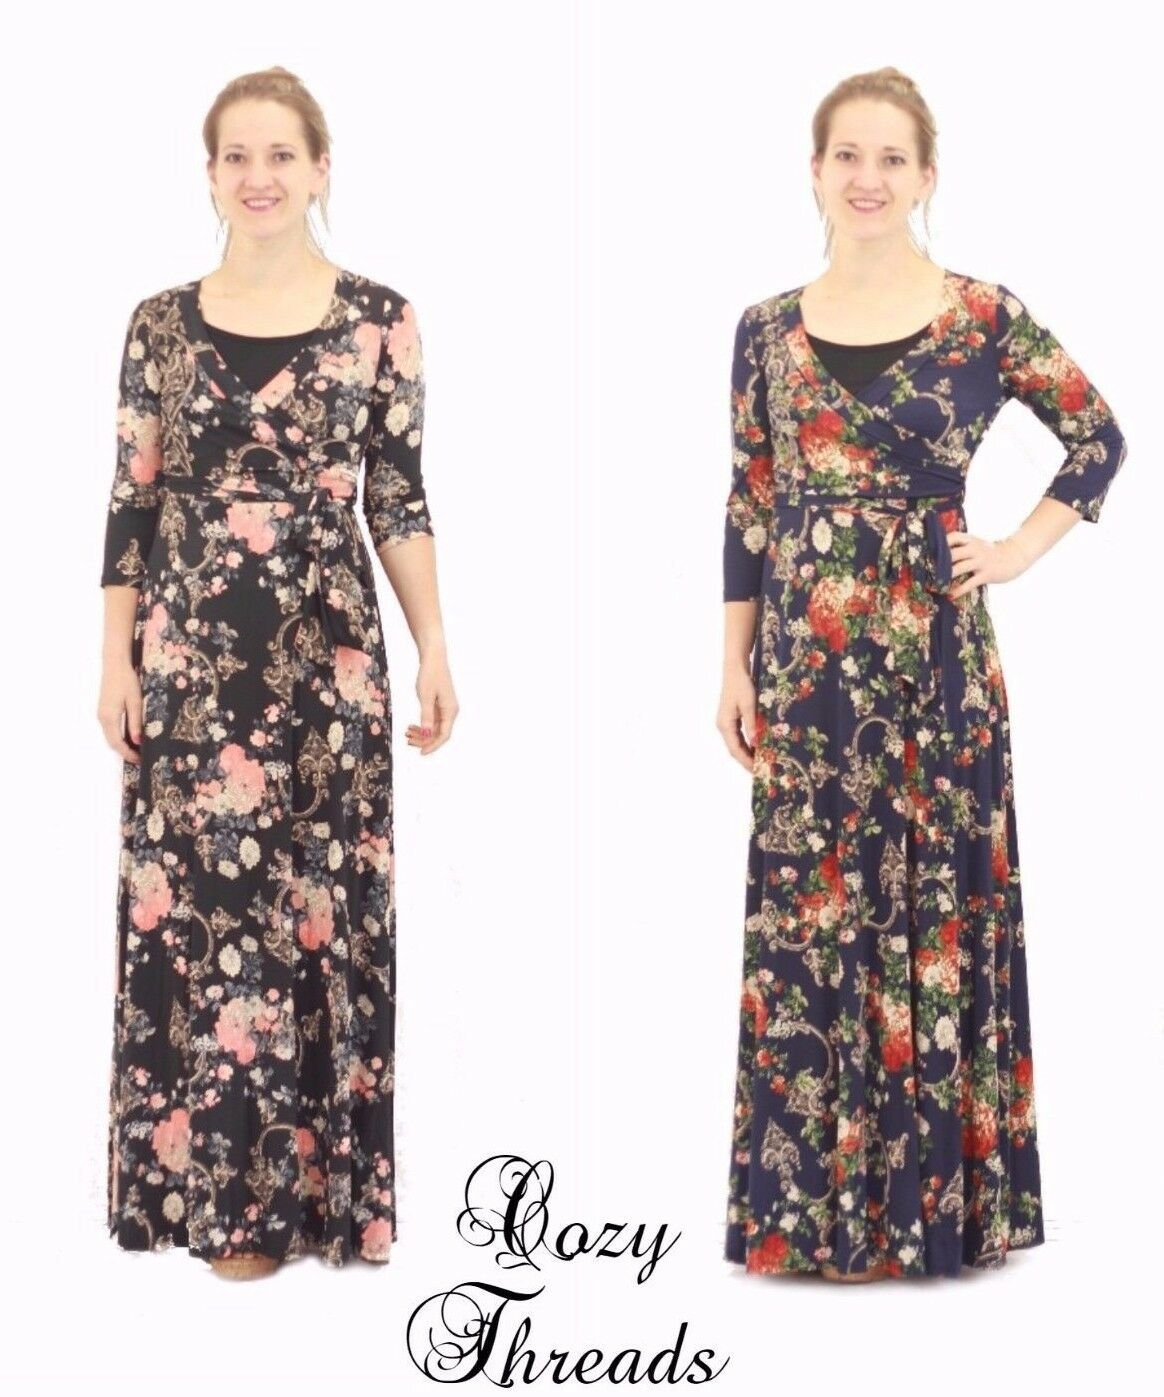 NEW Boutique Janette Fashion GENEVIEVE FLORAL MAXI Dress - 2 colors - Size S M L